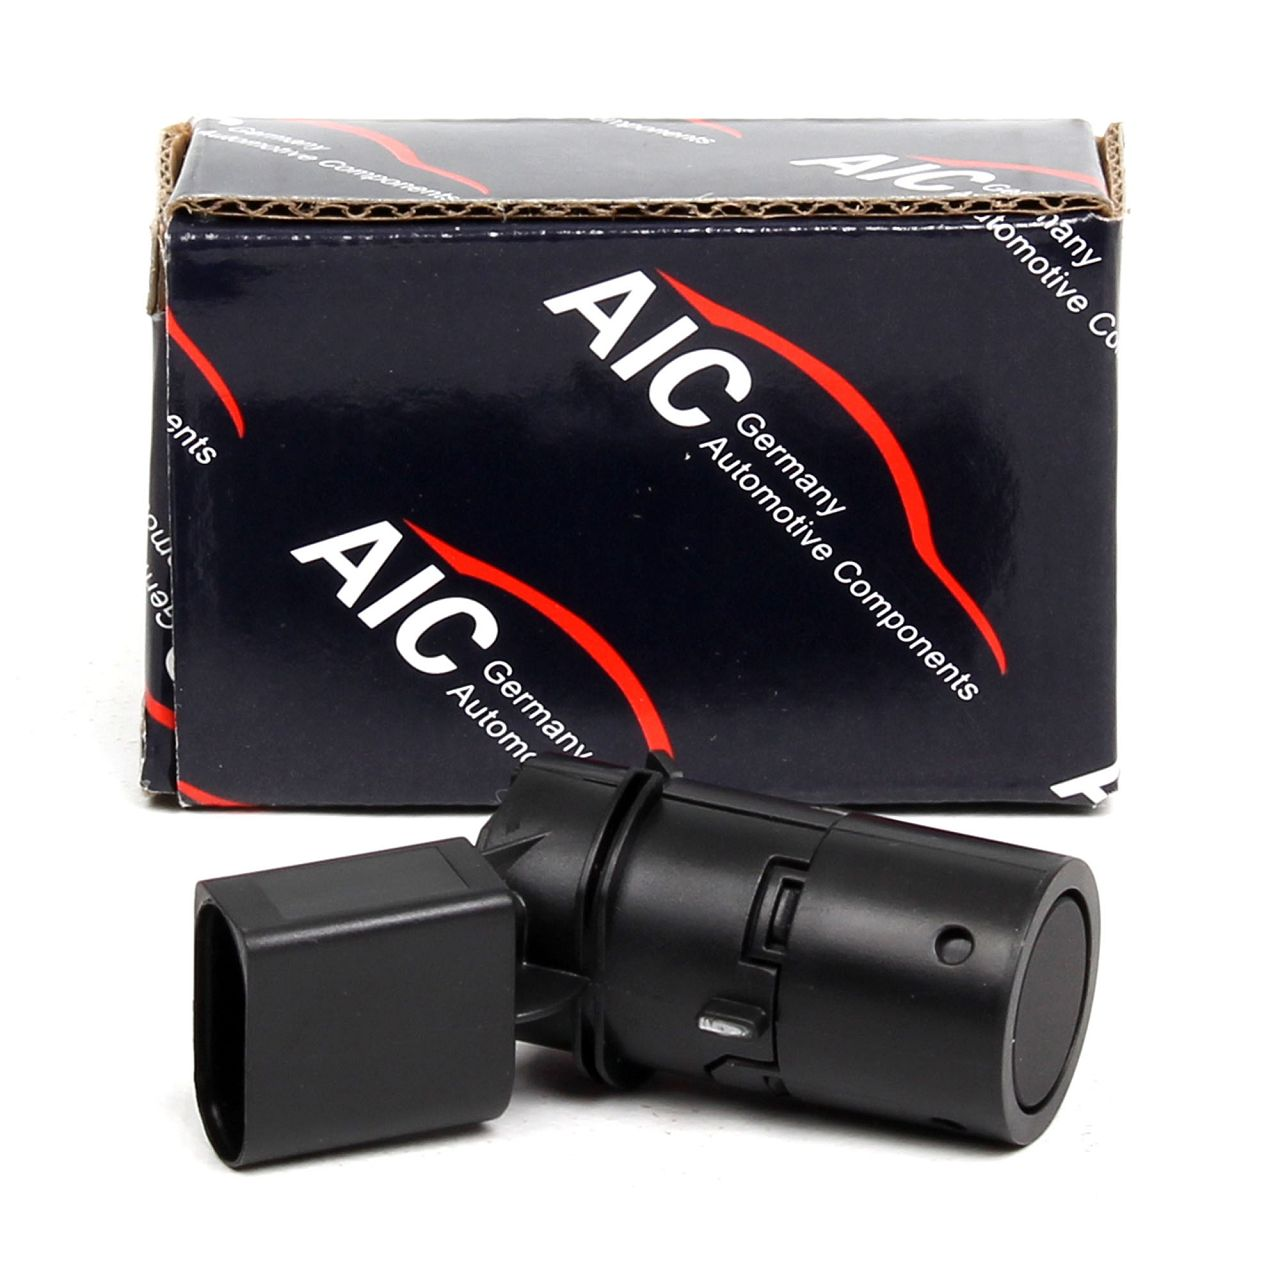 AIC Einparksensor Parksensor Abstandssensor PDC für AUDI A3 (8P) A4 (B7) A6 (C5)